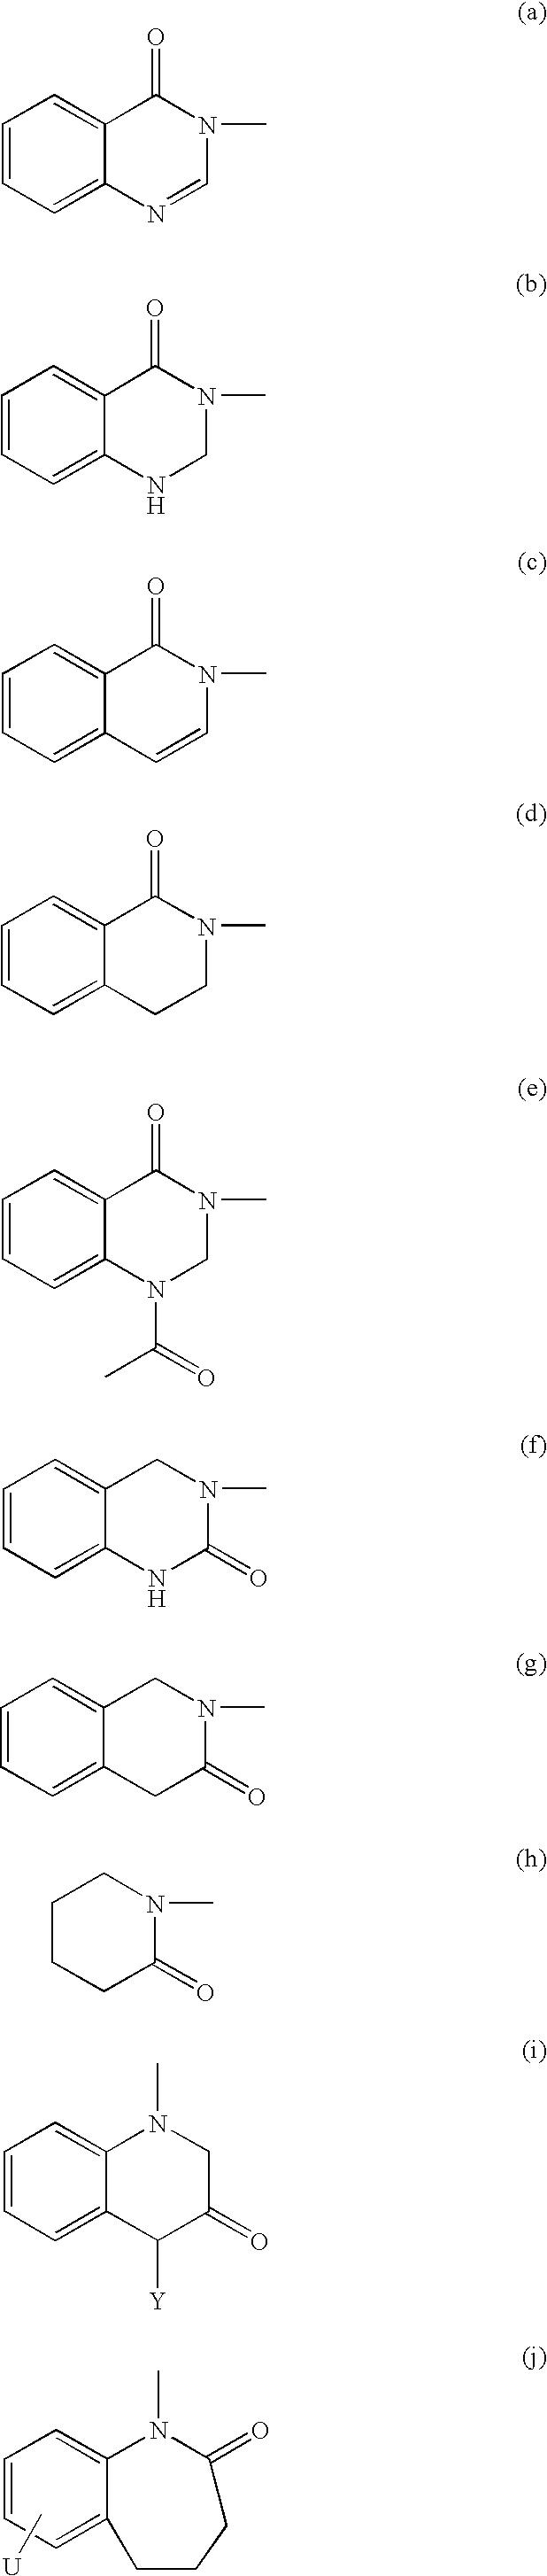 Figure US20040192732A1-20040930-C00009